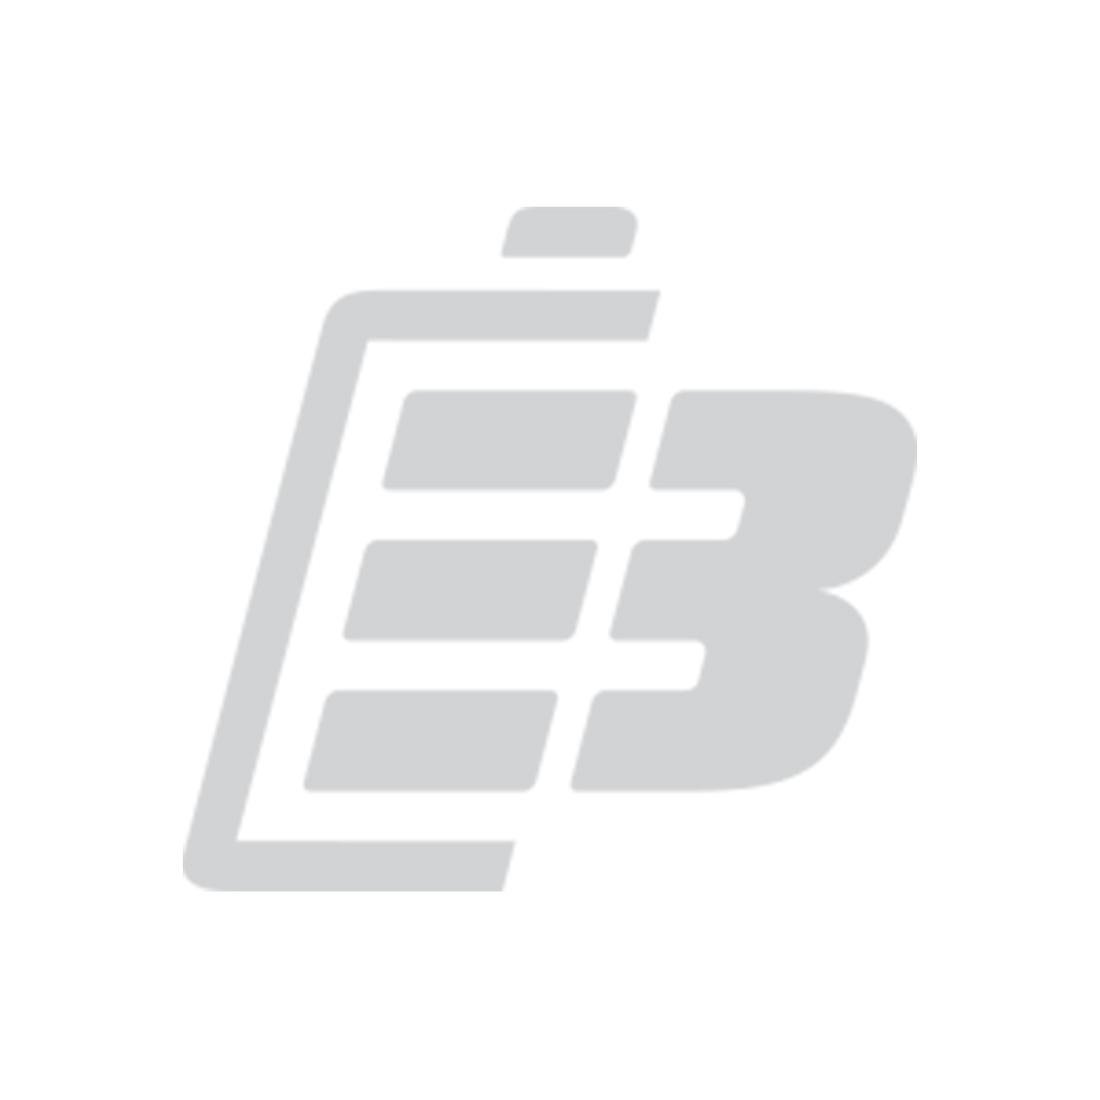 Camcorder battery charger JVC BN-V207_1